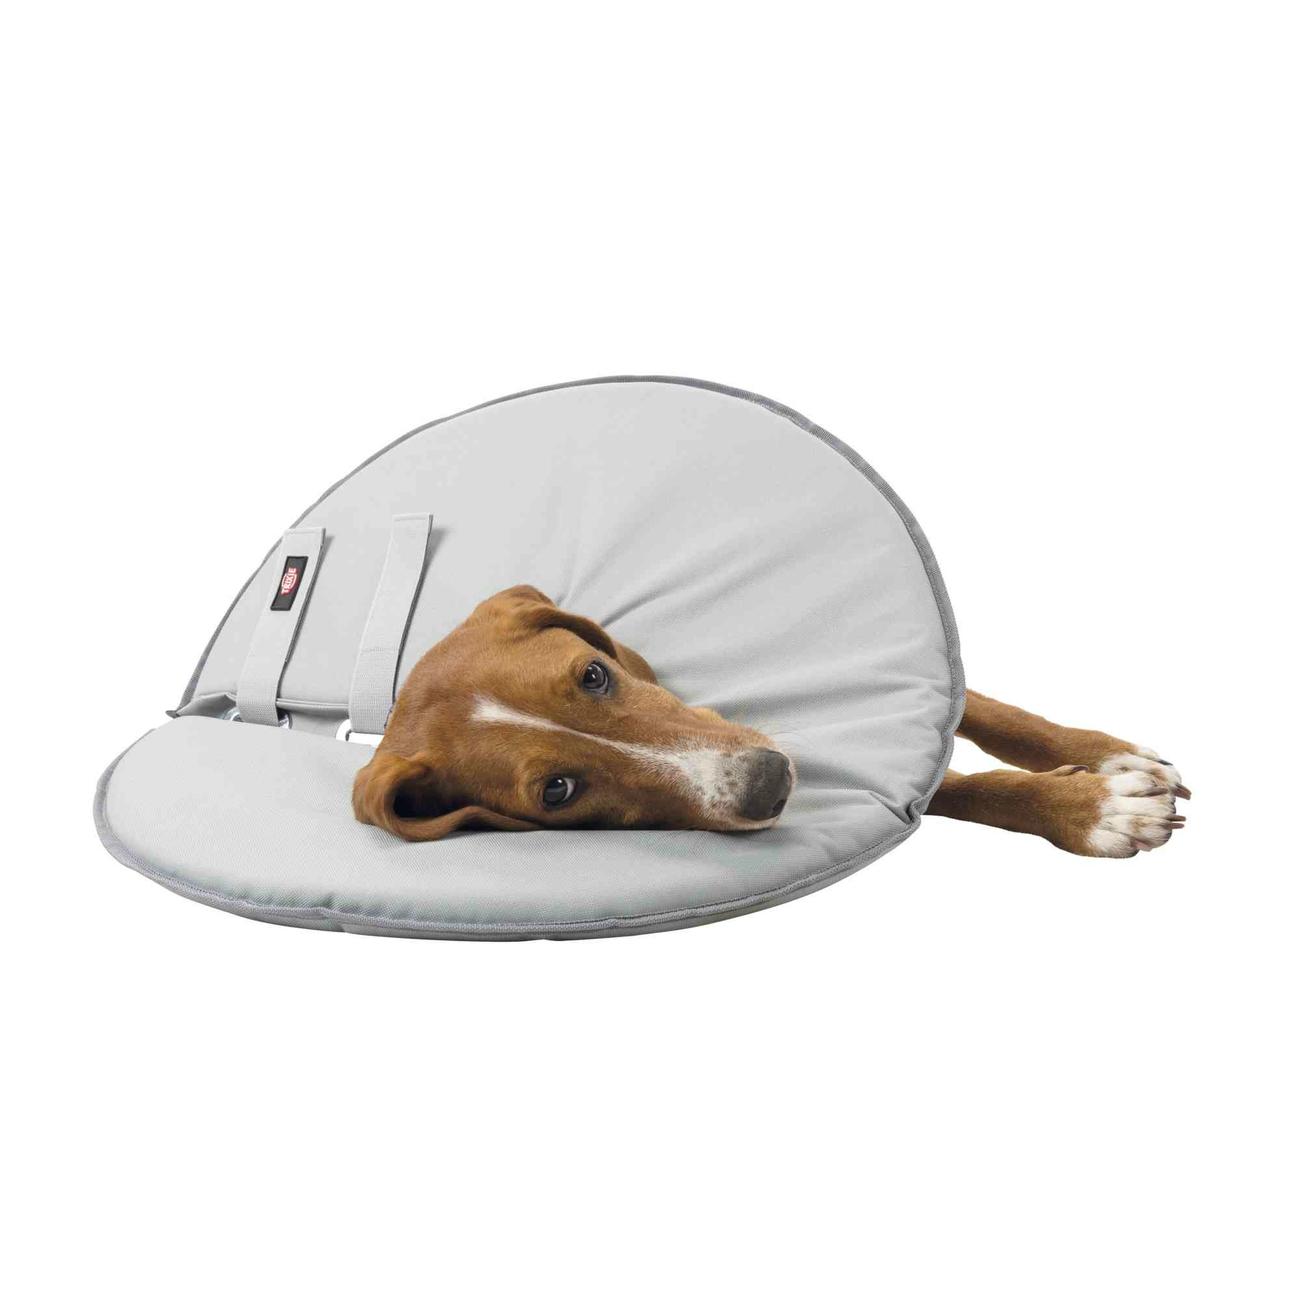 Trixie Schutzkragen für Hunde Leckschutz 19421, Bild 5